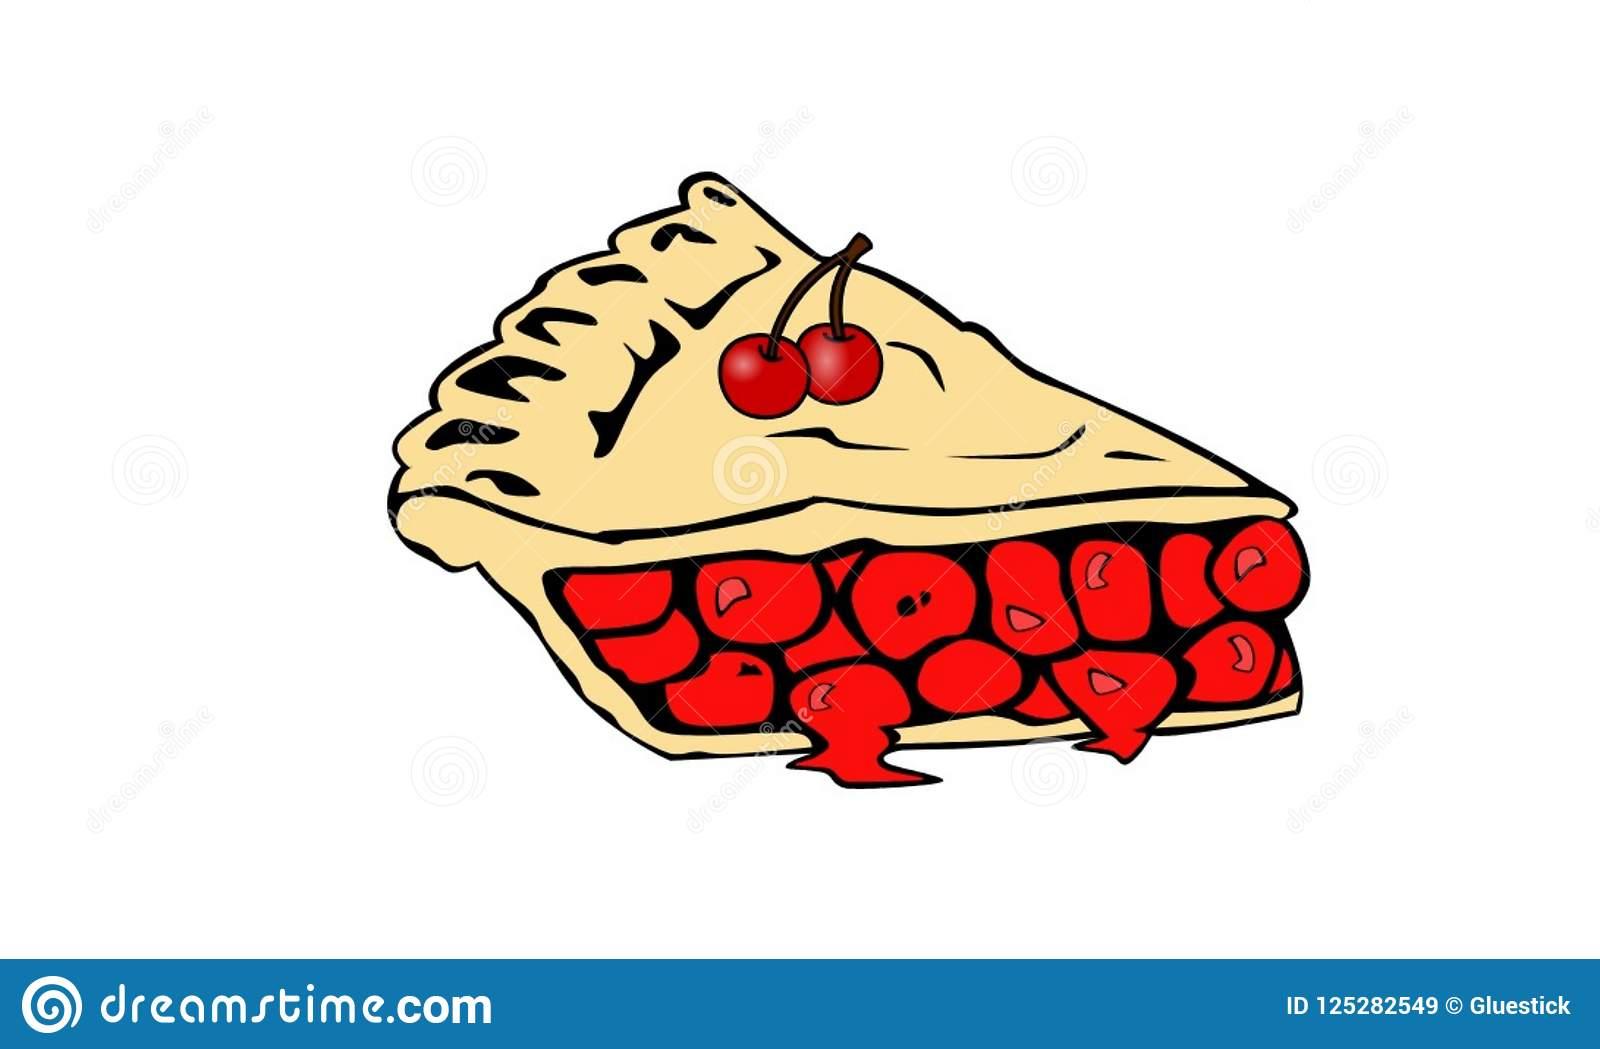 Cherry Pie stock image. Illustration of pies, cherries.